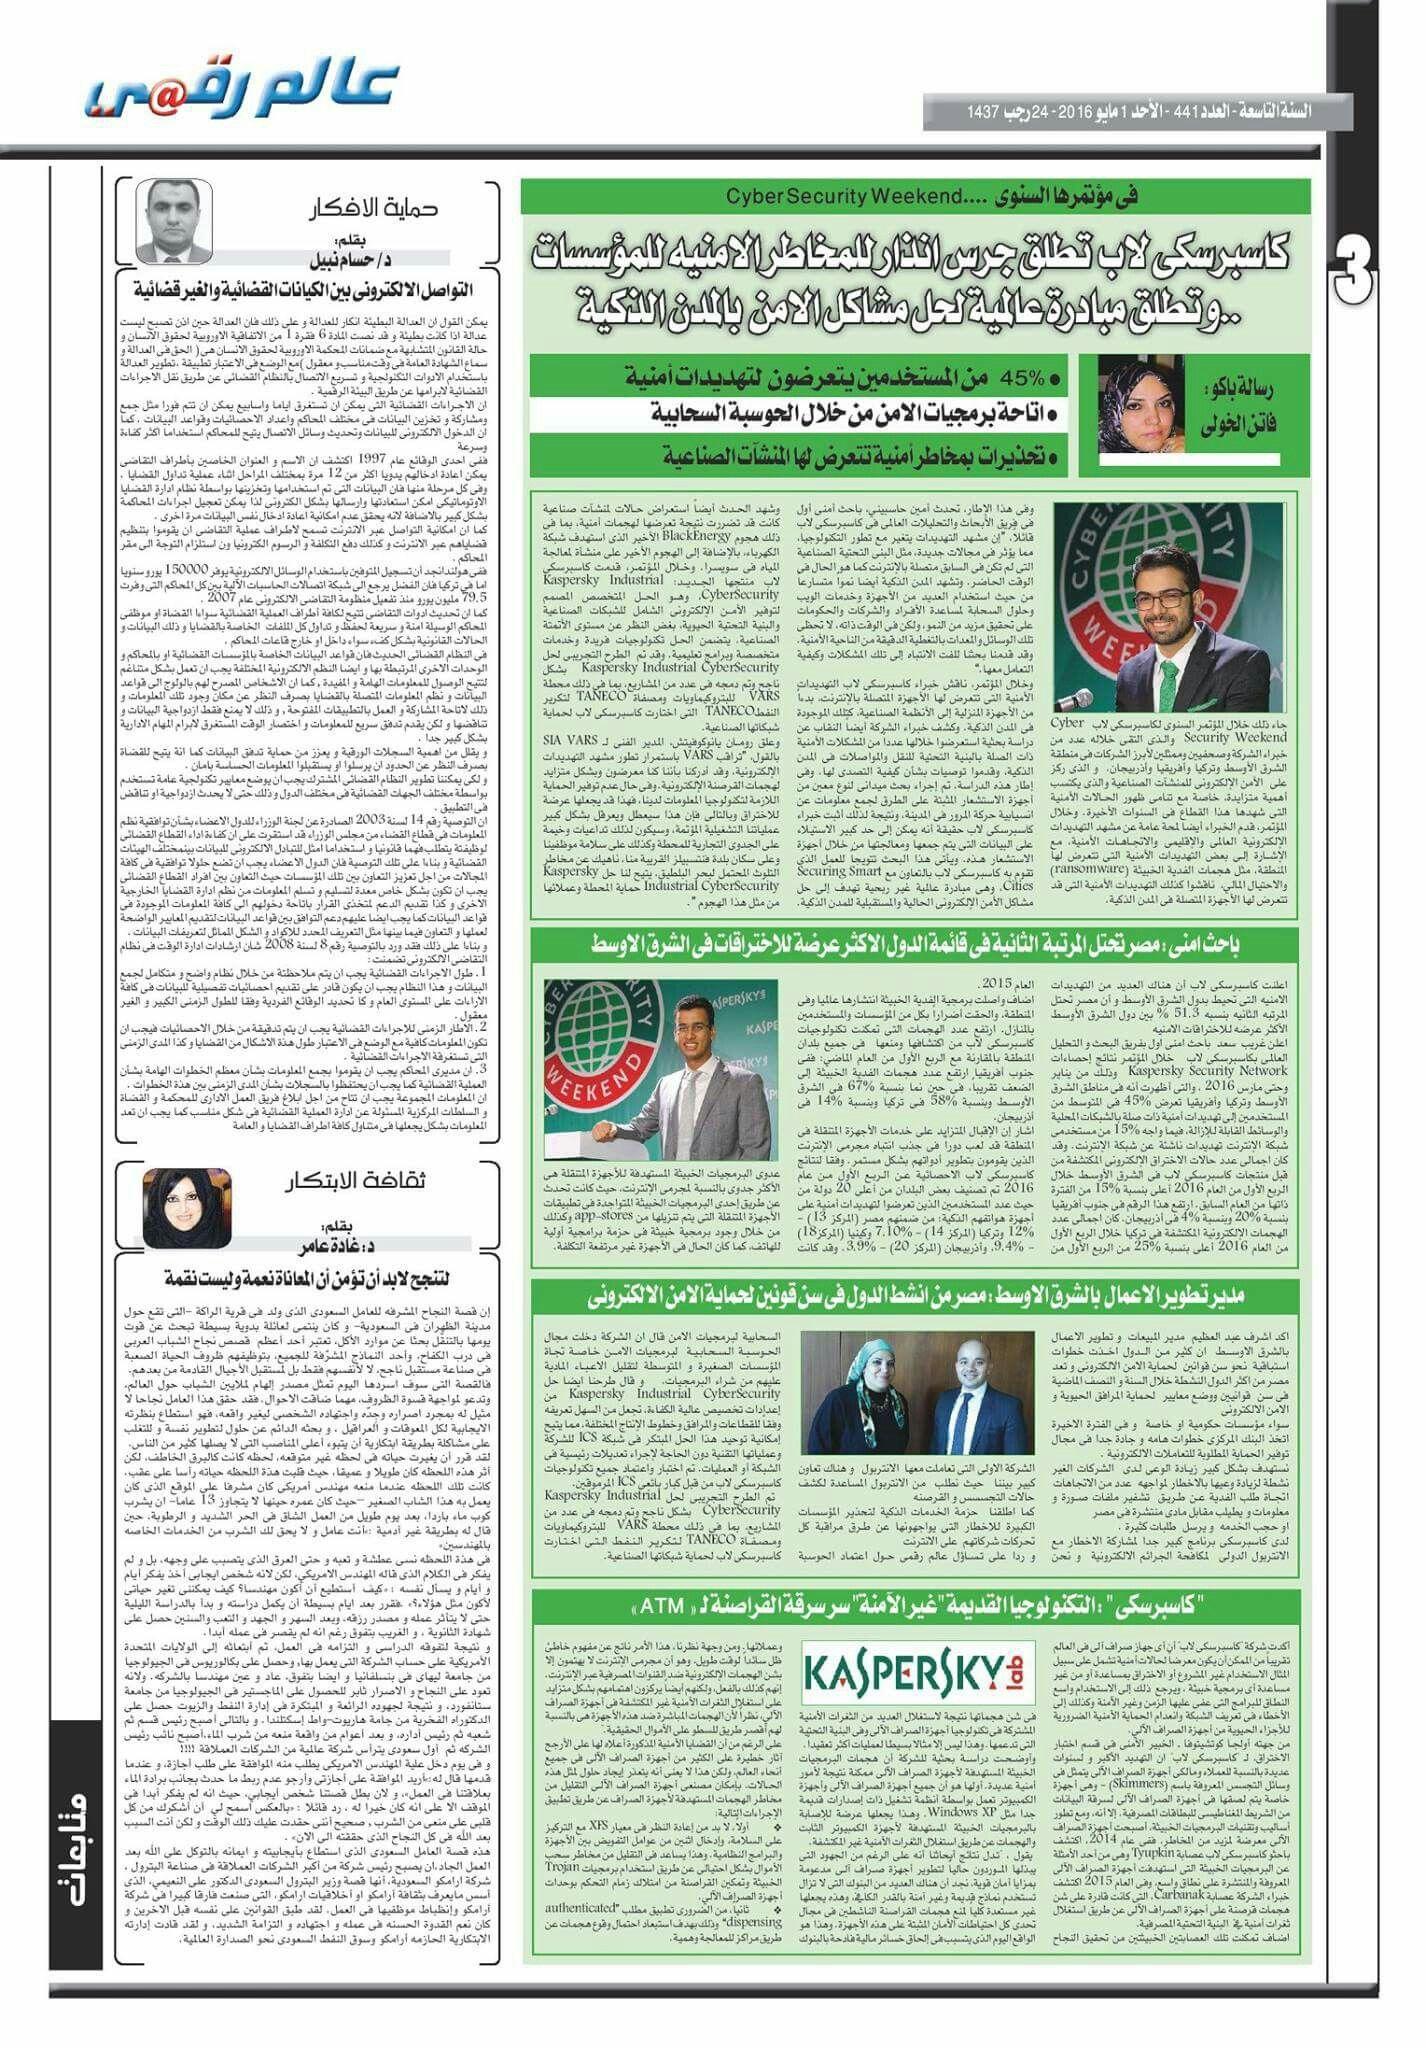 لتنجح لابد أن تؤمن أن المعاناة نعمة وليست نقمة مقالي هذا الأسبوع في مجلة عالم رقمي ابتكر حياتك Http Alamrakamy Com P 69364 Ghada Amer Shopping